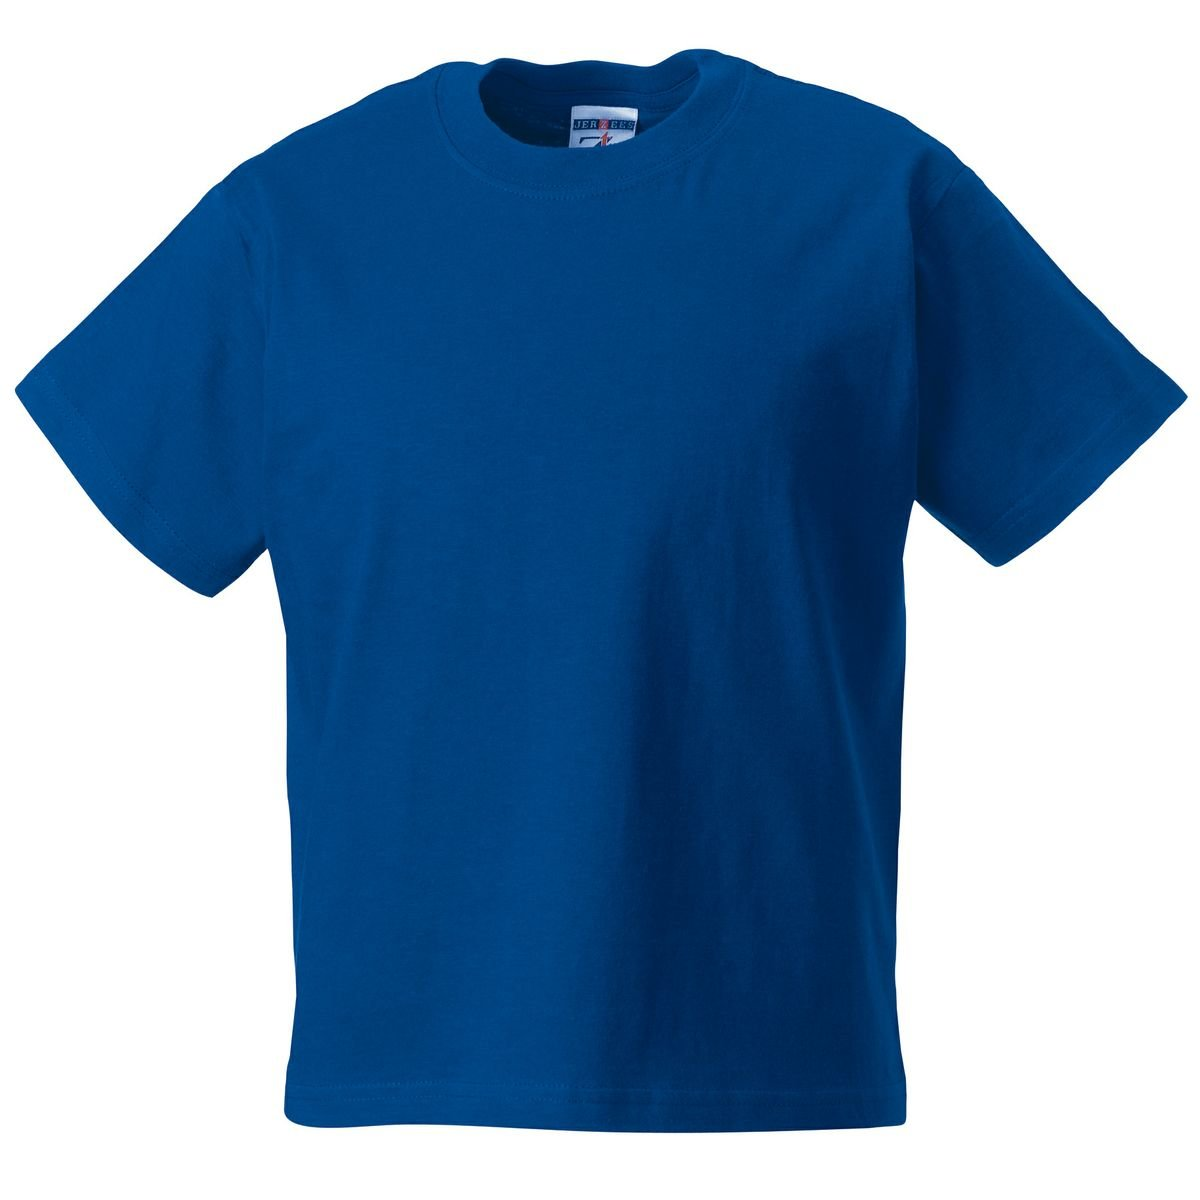 Russell Jerzees Schoolgear 180B Kids Childrens Classic T Shirt